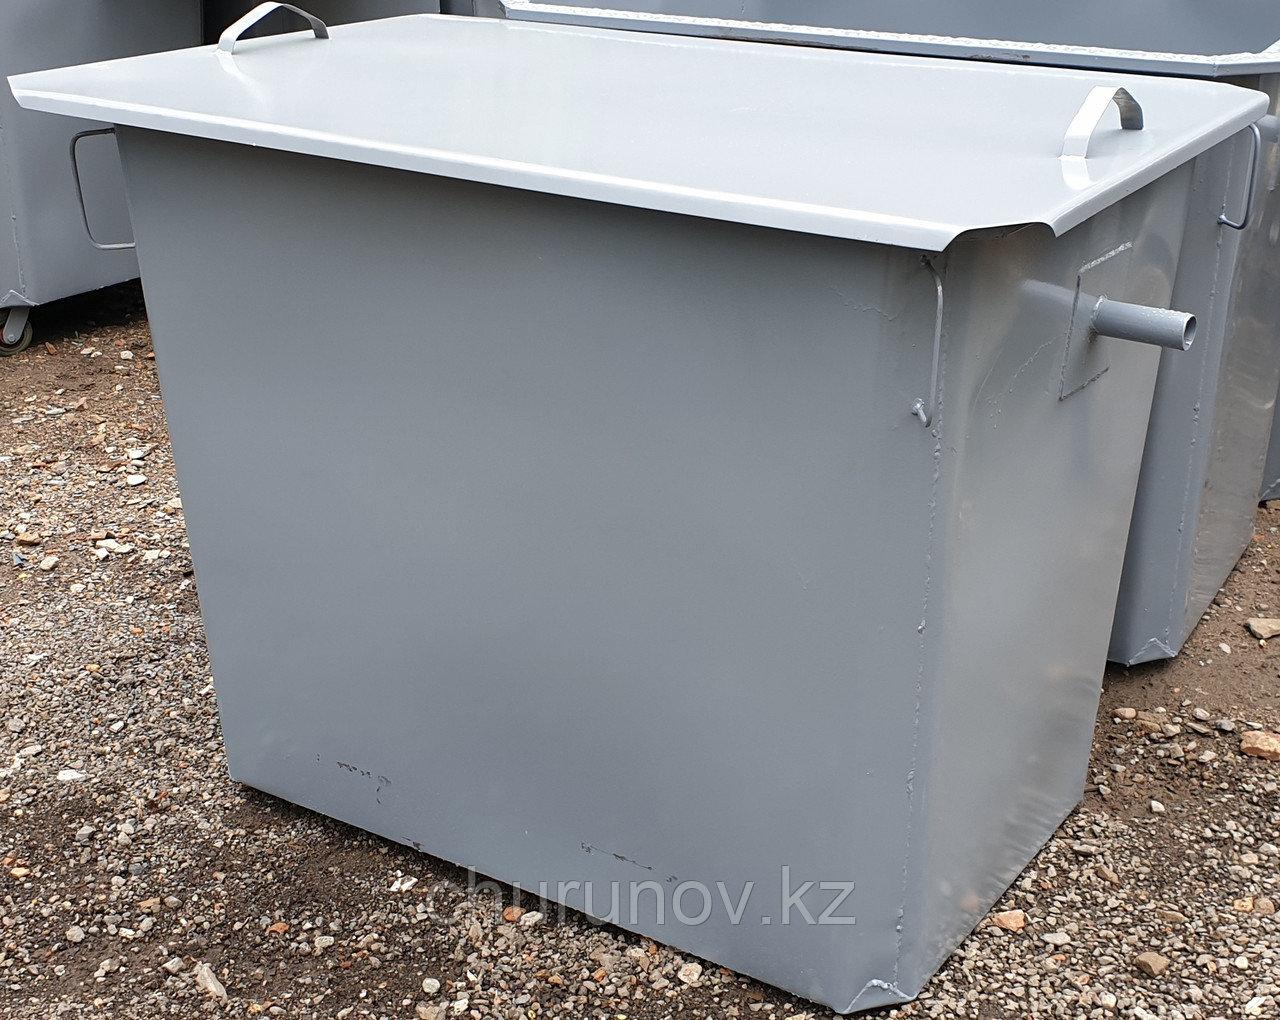 Контейнеры под мусор, баки 1,1 м3 с крышкой, без колес (НДС 12% в т.ч.)